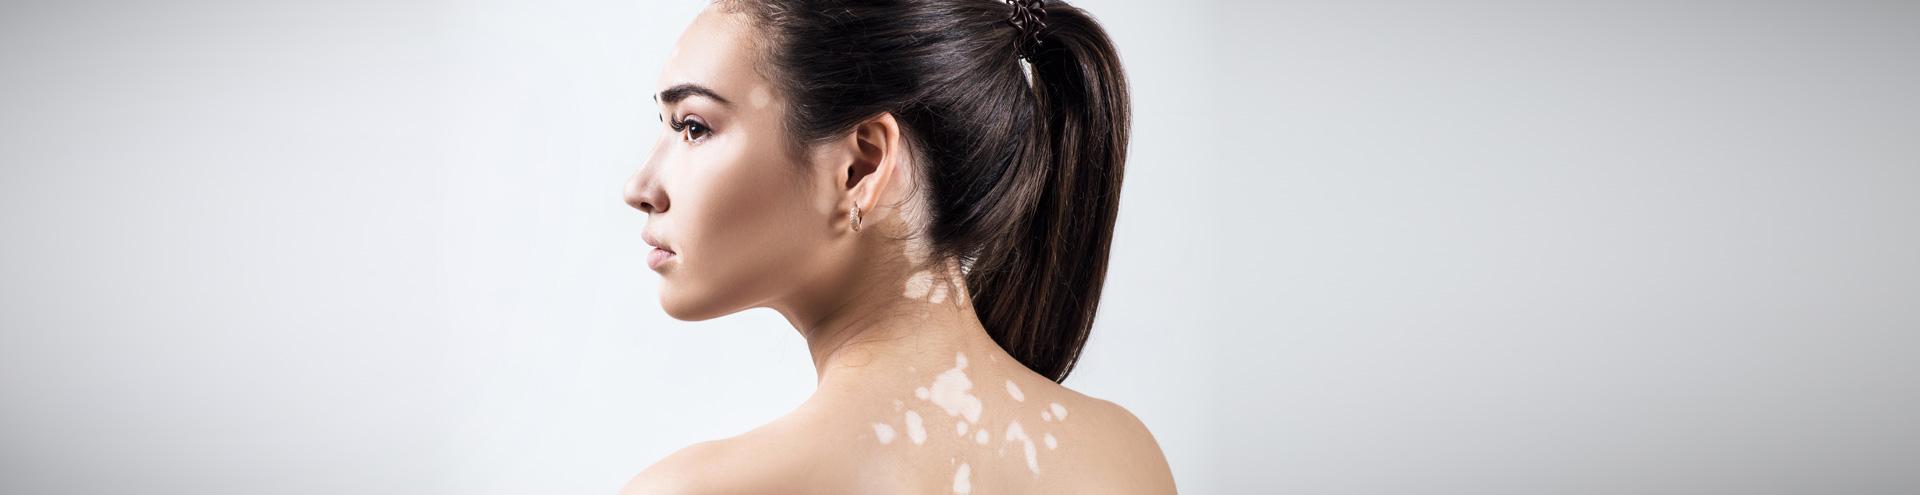 Vitiligo Mod Dermatology